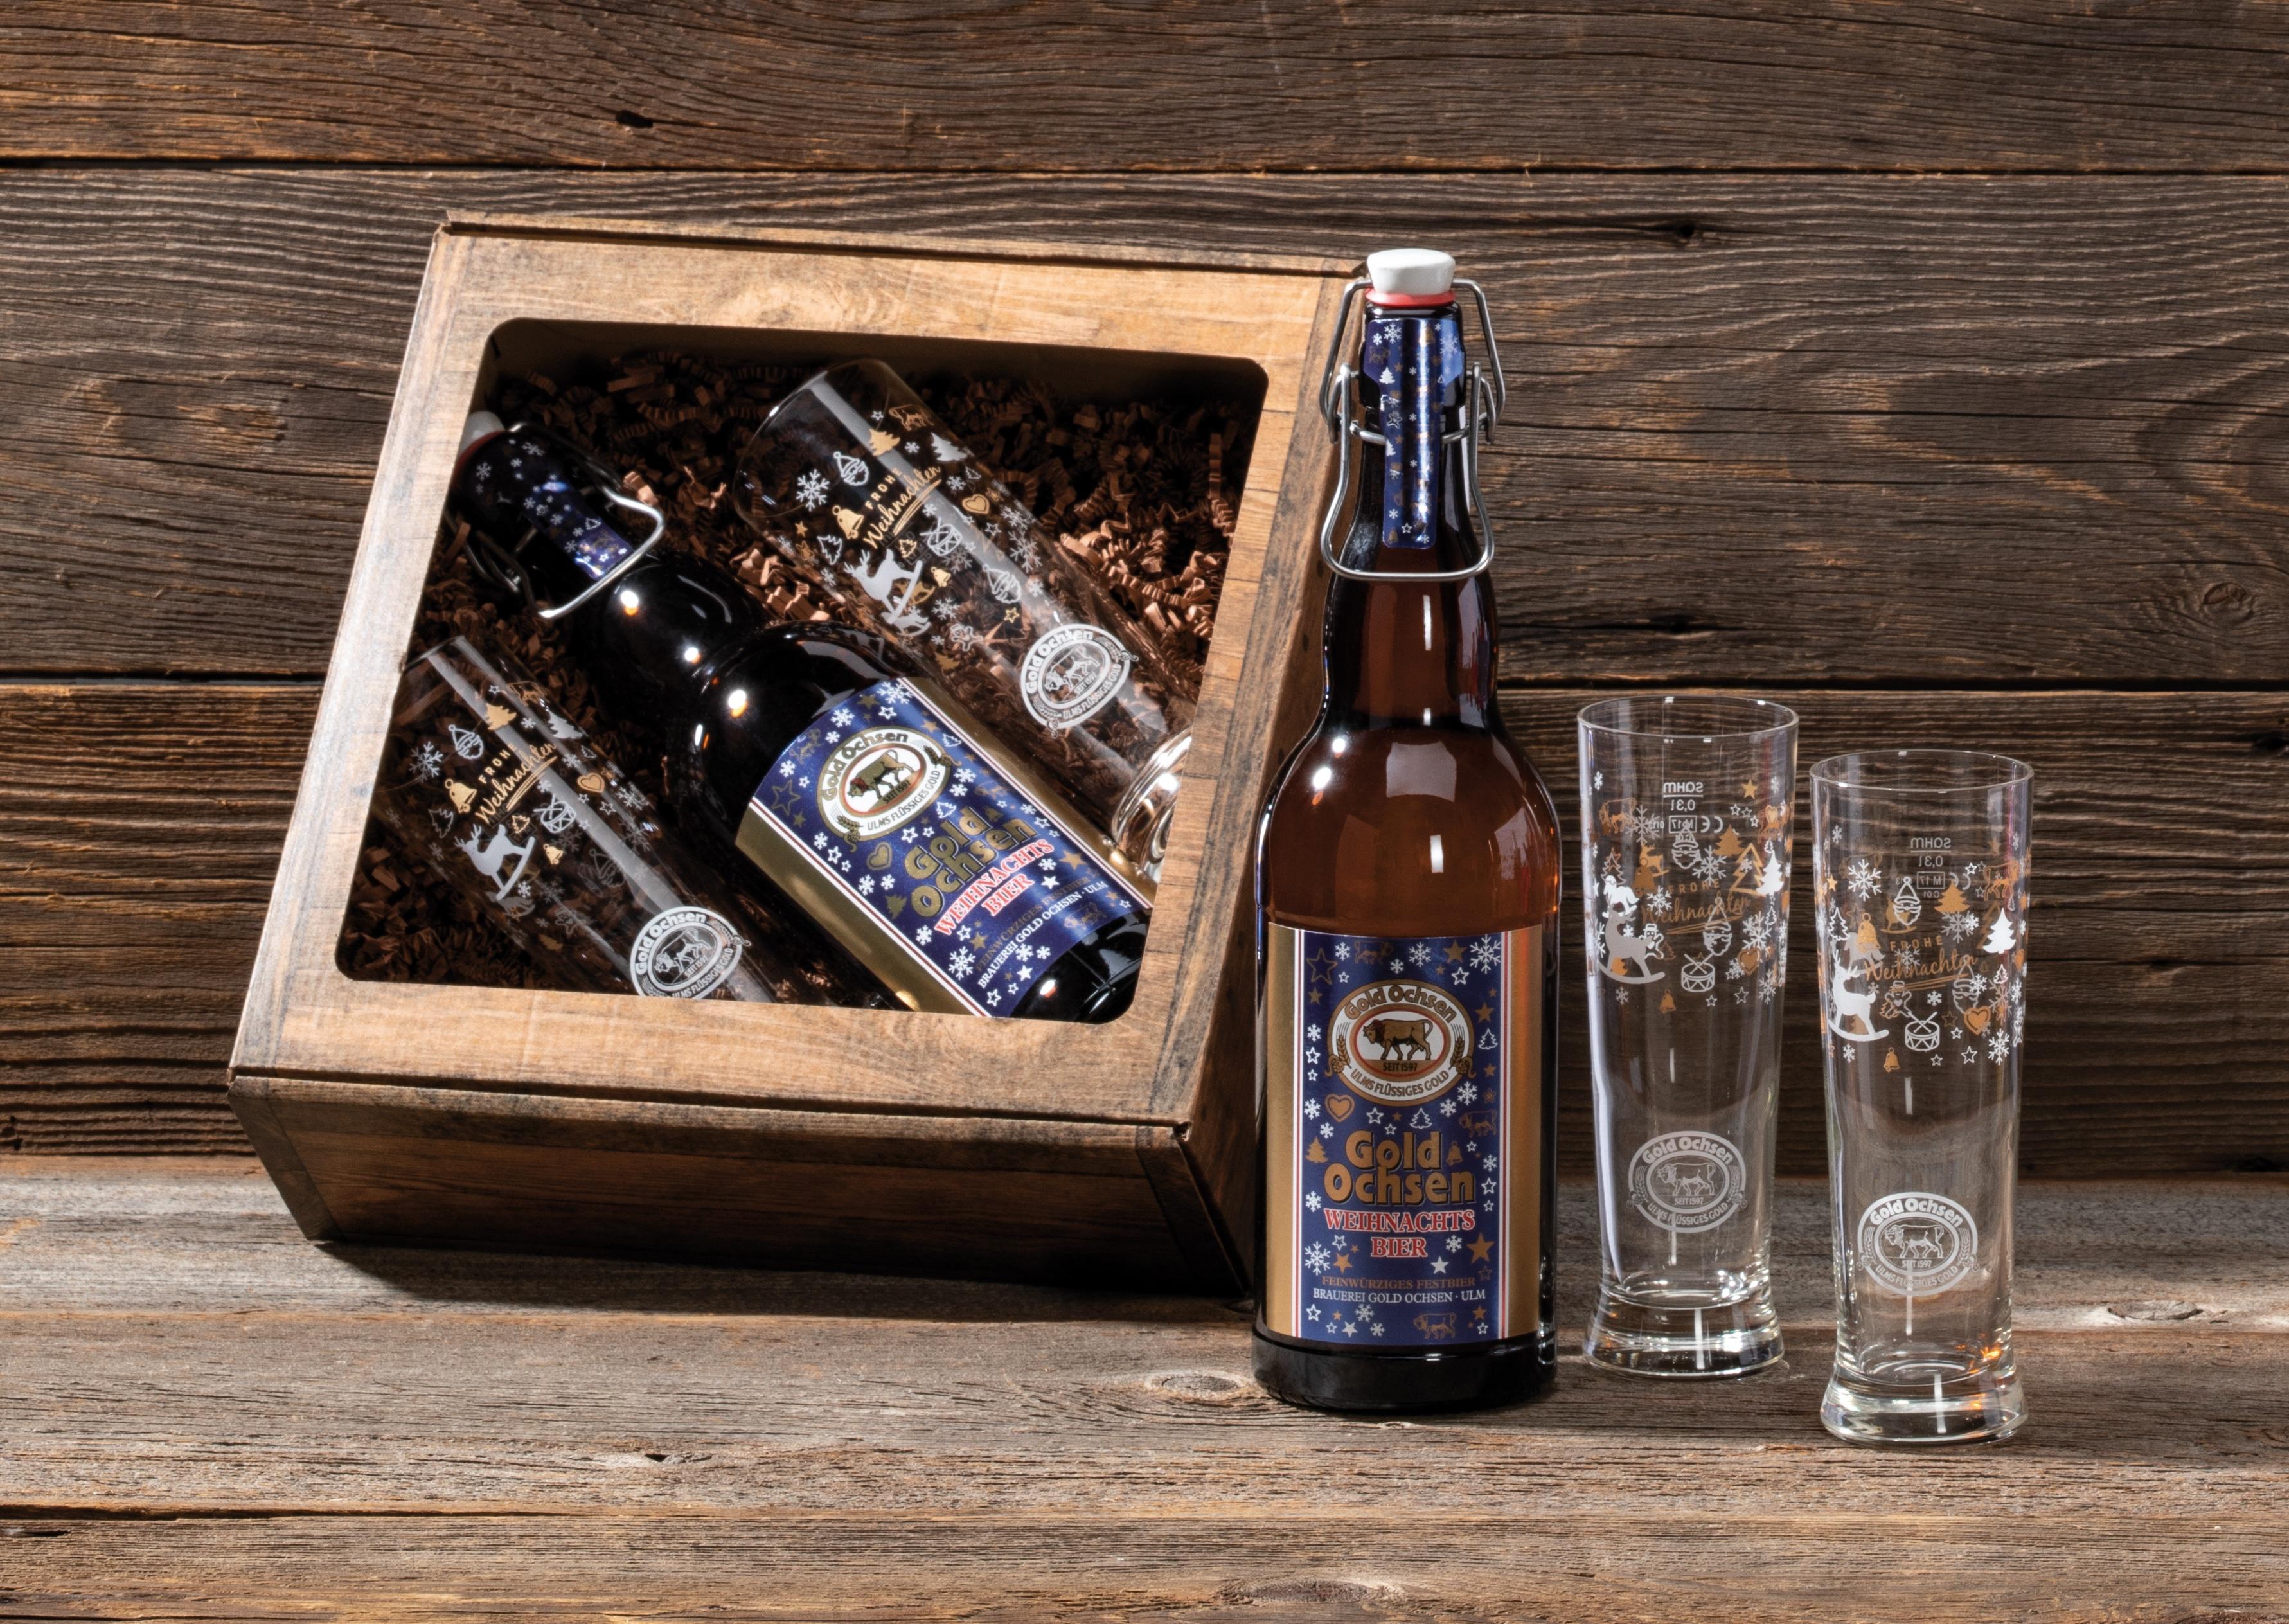 männerhandtasche | brauerei gold ochsen ulm – wir brauen das bier in ulm